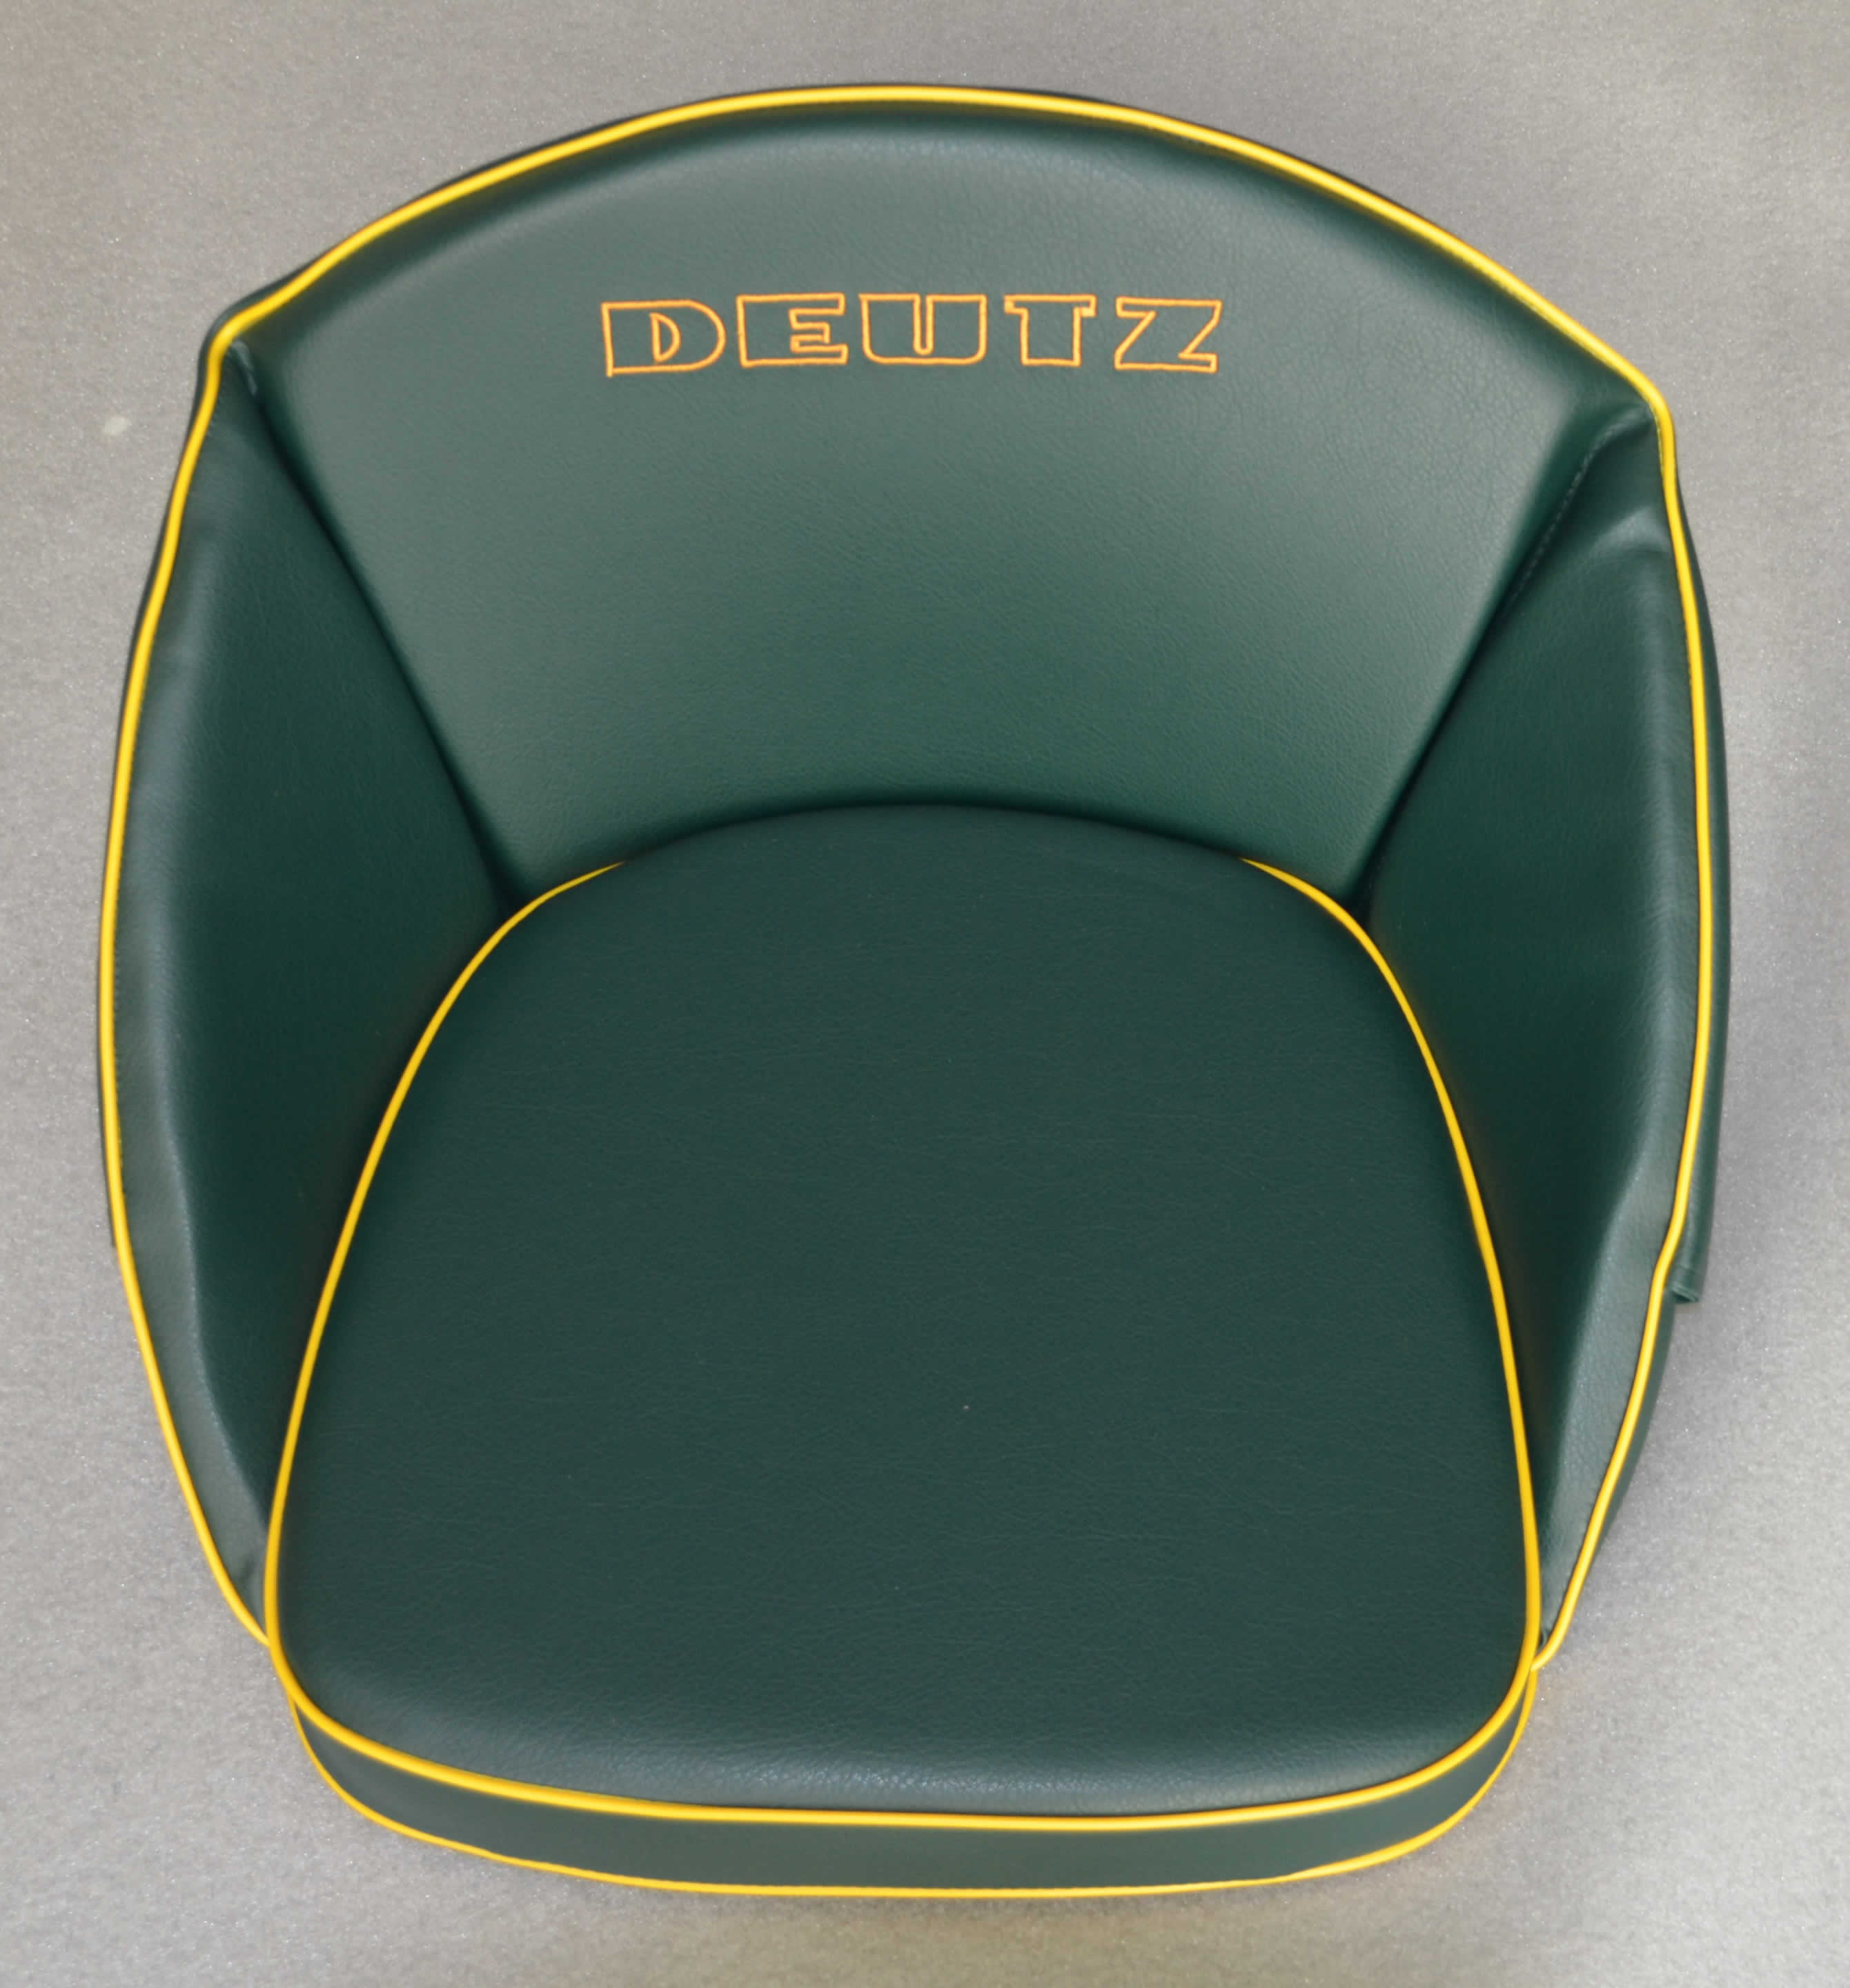 oldtimer jehle traktor sitzkissen hochlehner gr n f r deutz mit aufschrift gestickt. Black Bedroom Furniture Sets. Home Design Ideas